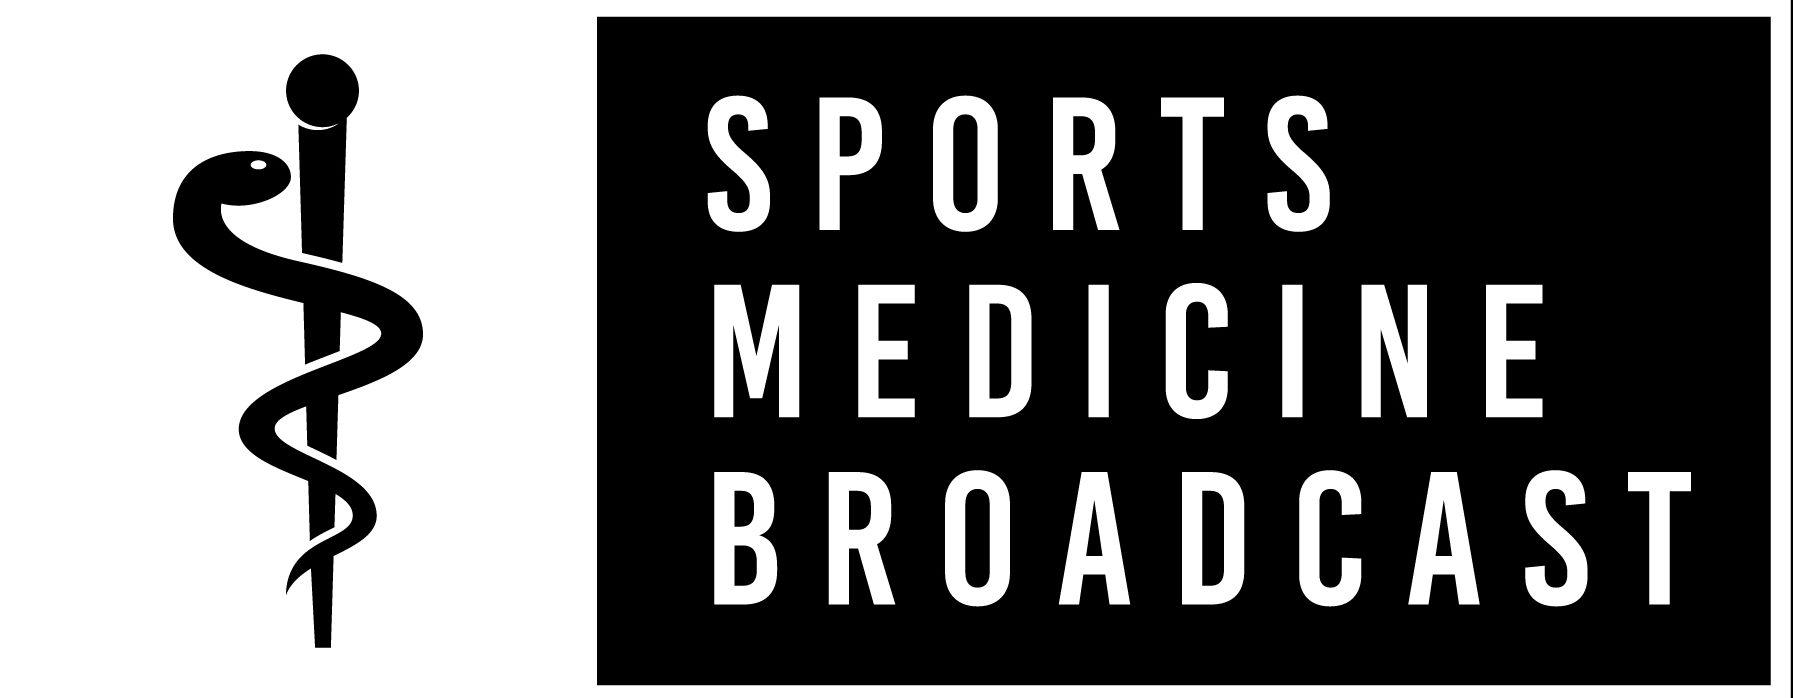 The Sports Medicine Broadcast